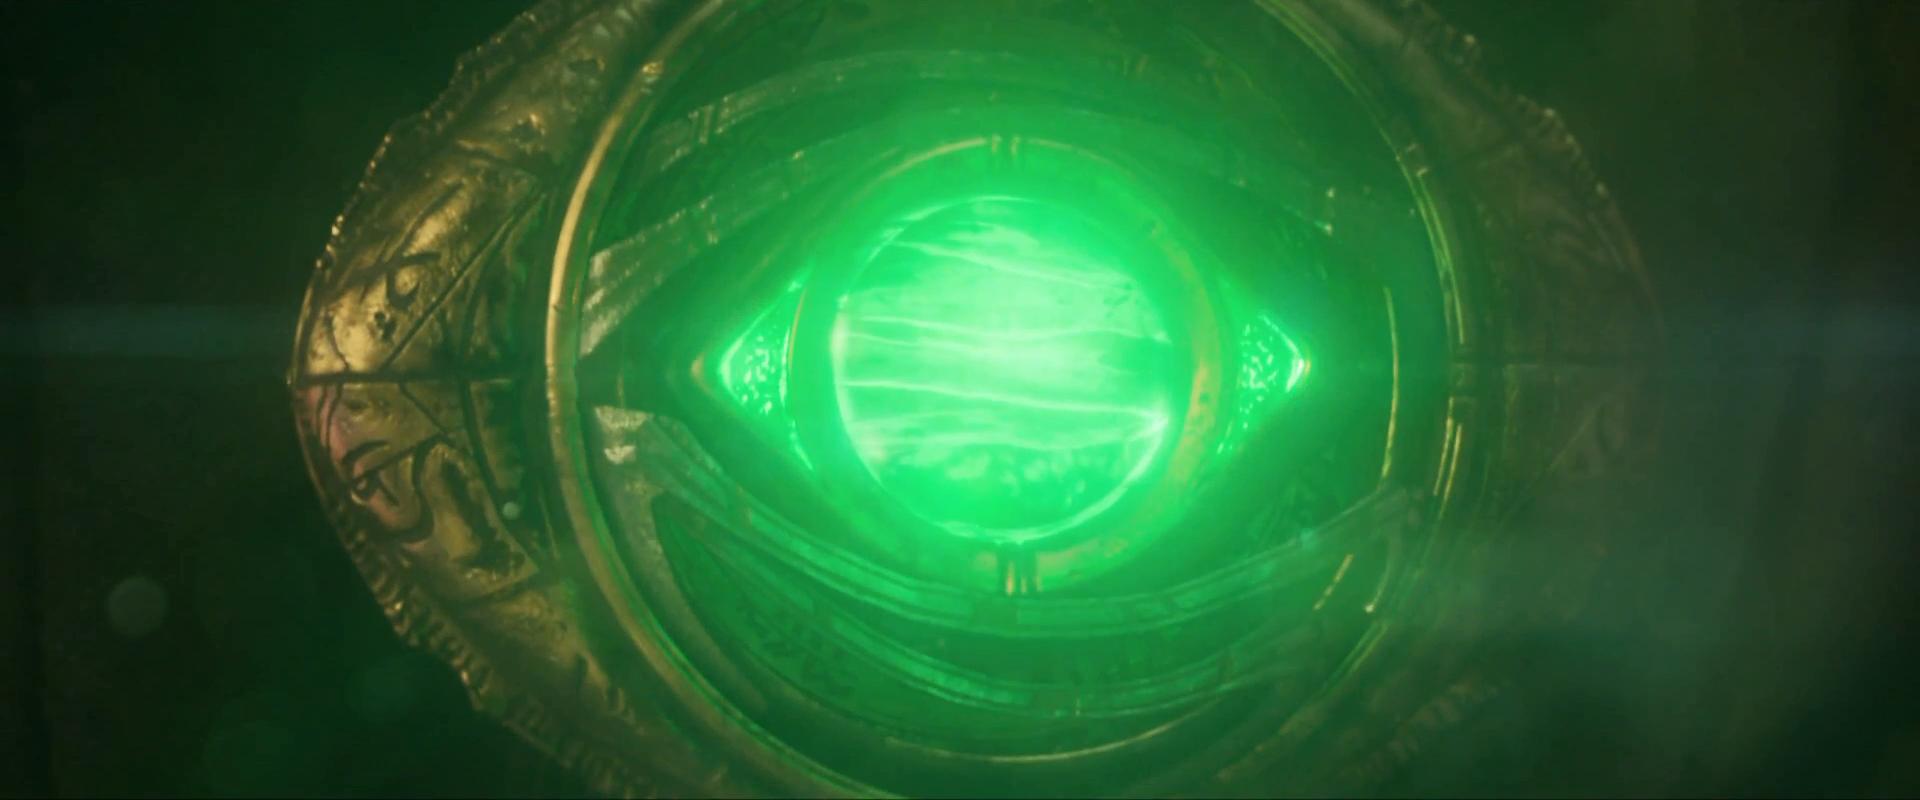 Resultado de imagen para eye of agamotto time stone